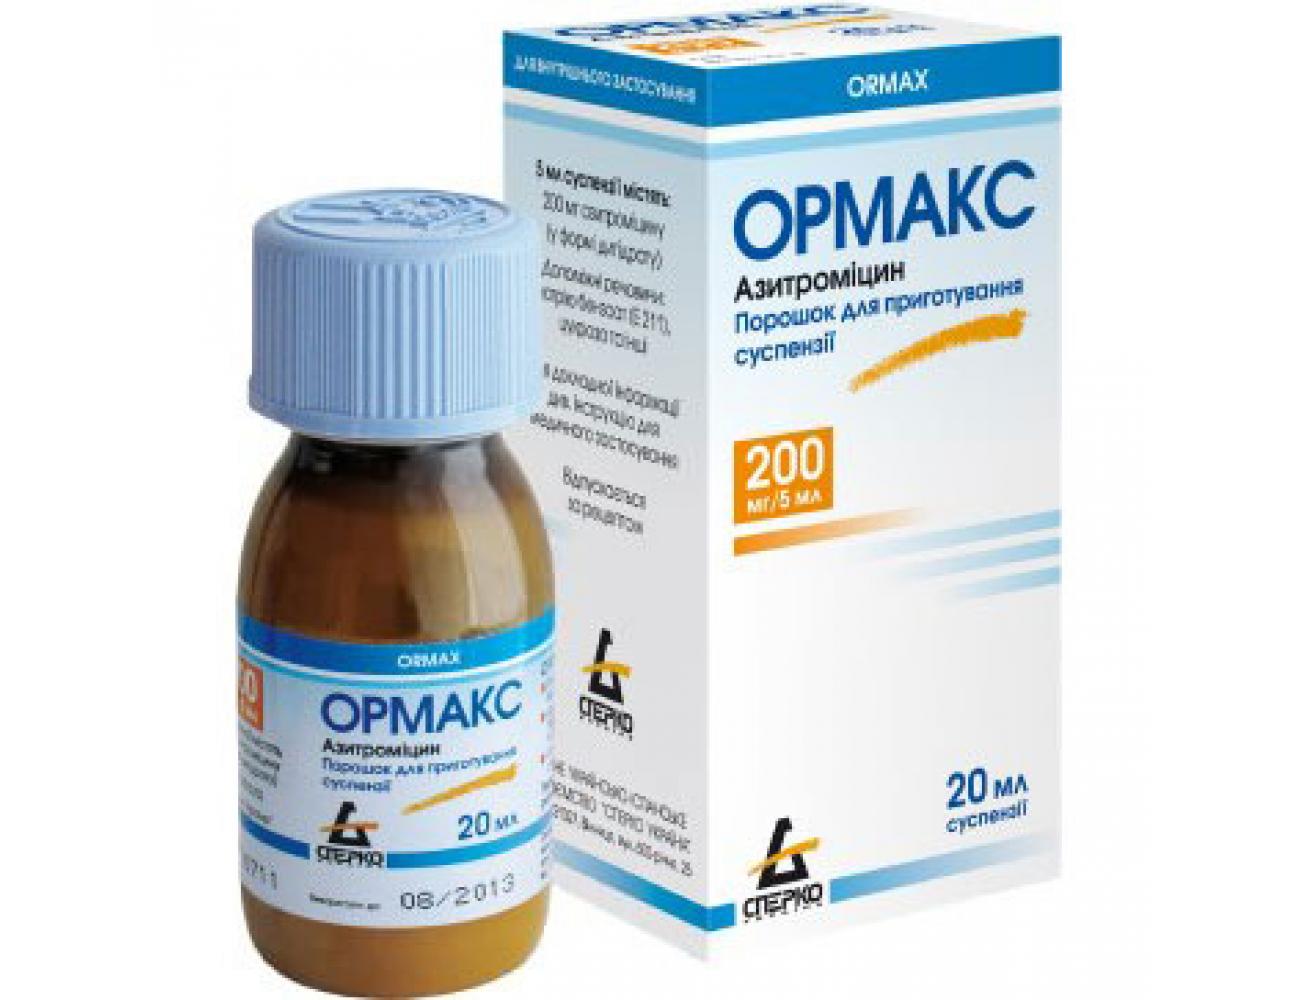 Дешевые таблетки от вздутия живота и газообразования взрослым